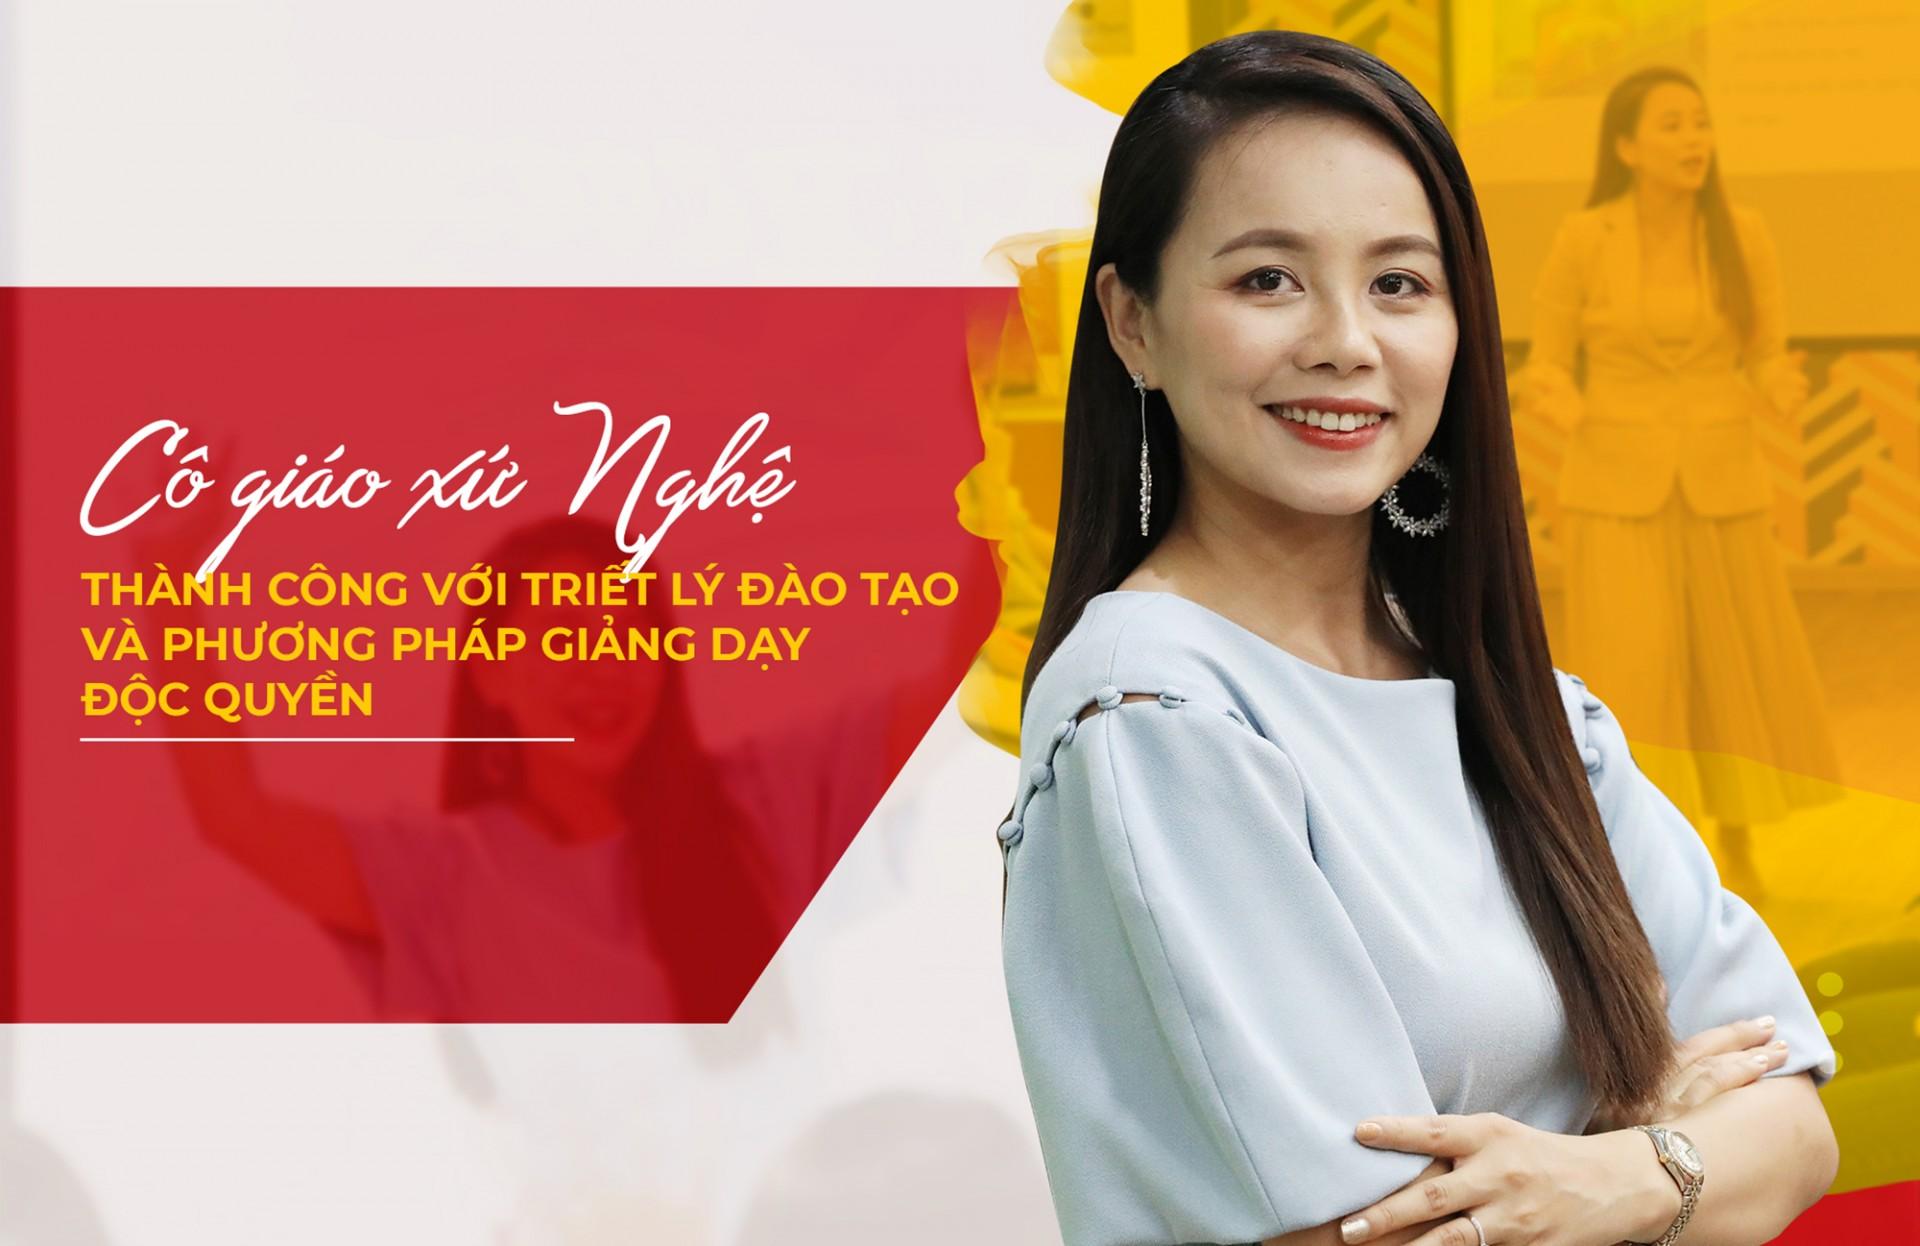 [BaoNgheAn.vn] Cô giáo xứ Nghệ thành công với triết lý đào tạo và phương pháp giảng dạy độc quyền